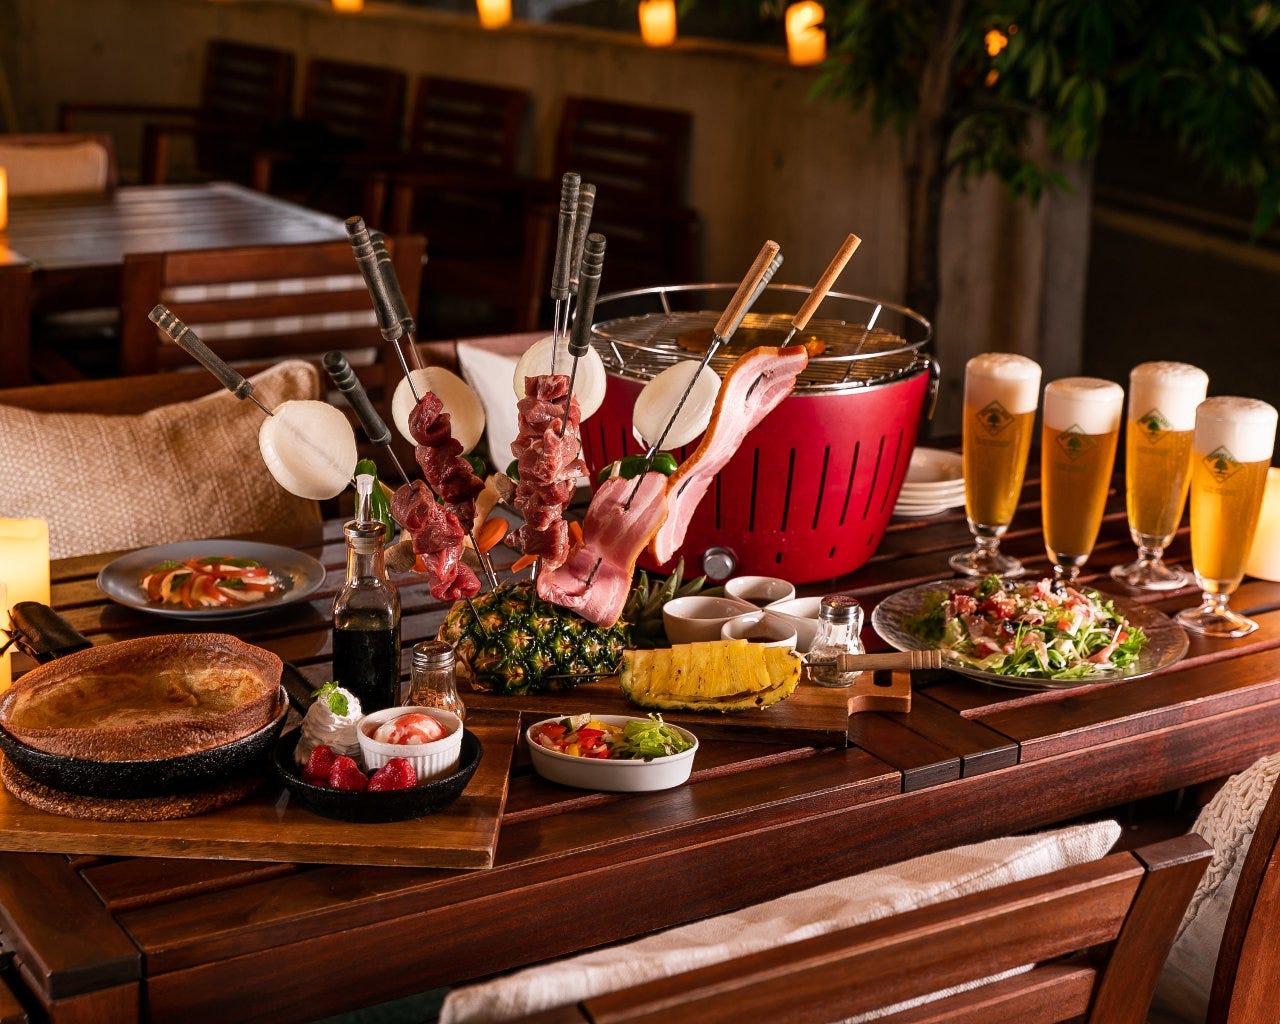 ◆楽天ポイント3倍貯まるコース◆《全10品》手ぶらでBBQ!【肉3種】お手軽BBQコース+2時間飲放